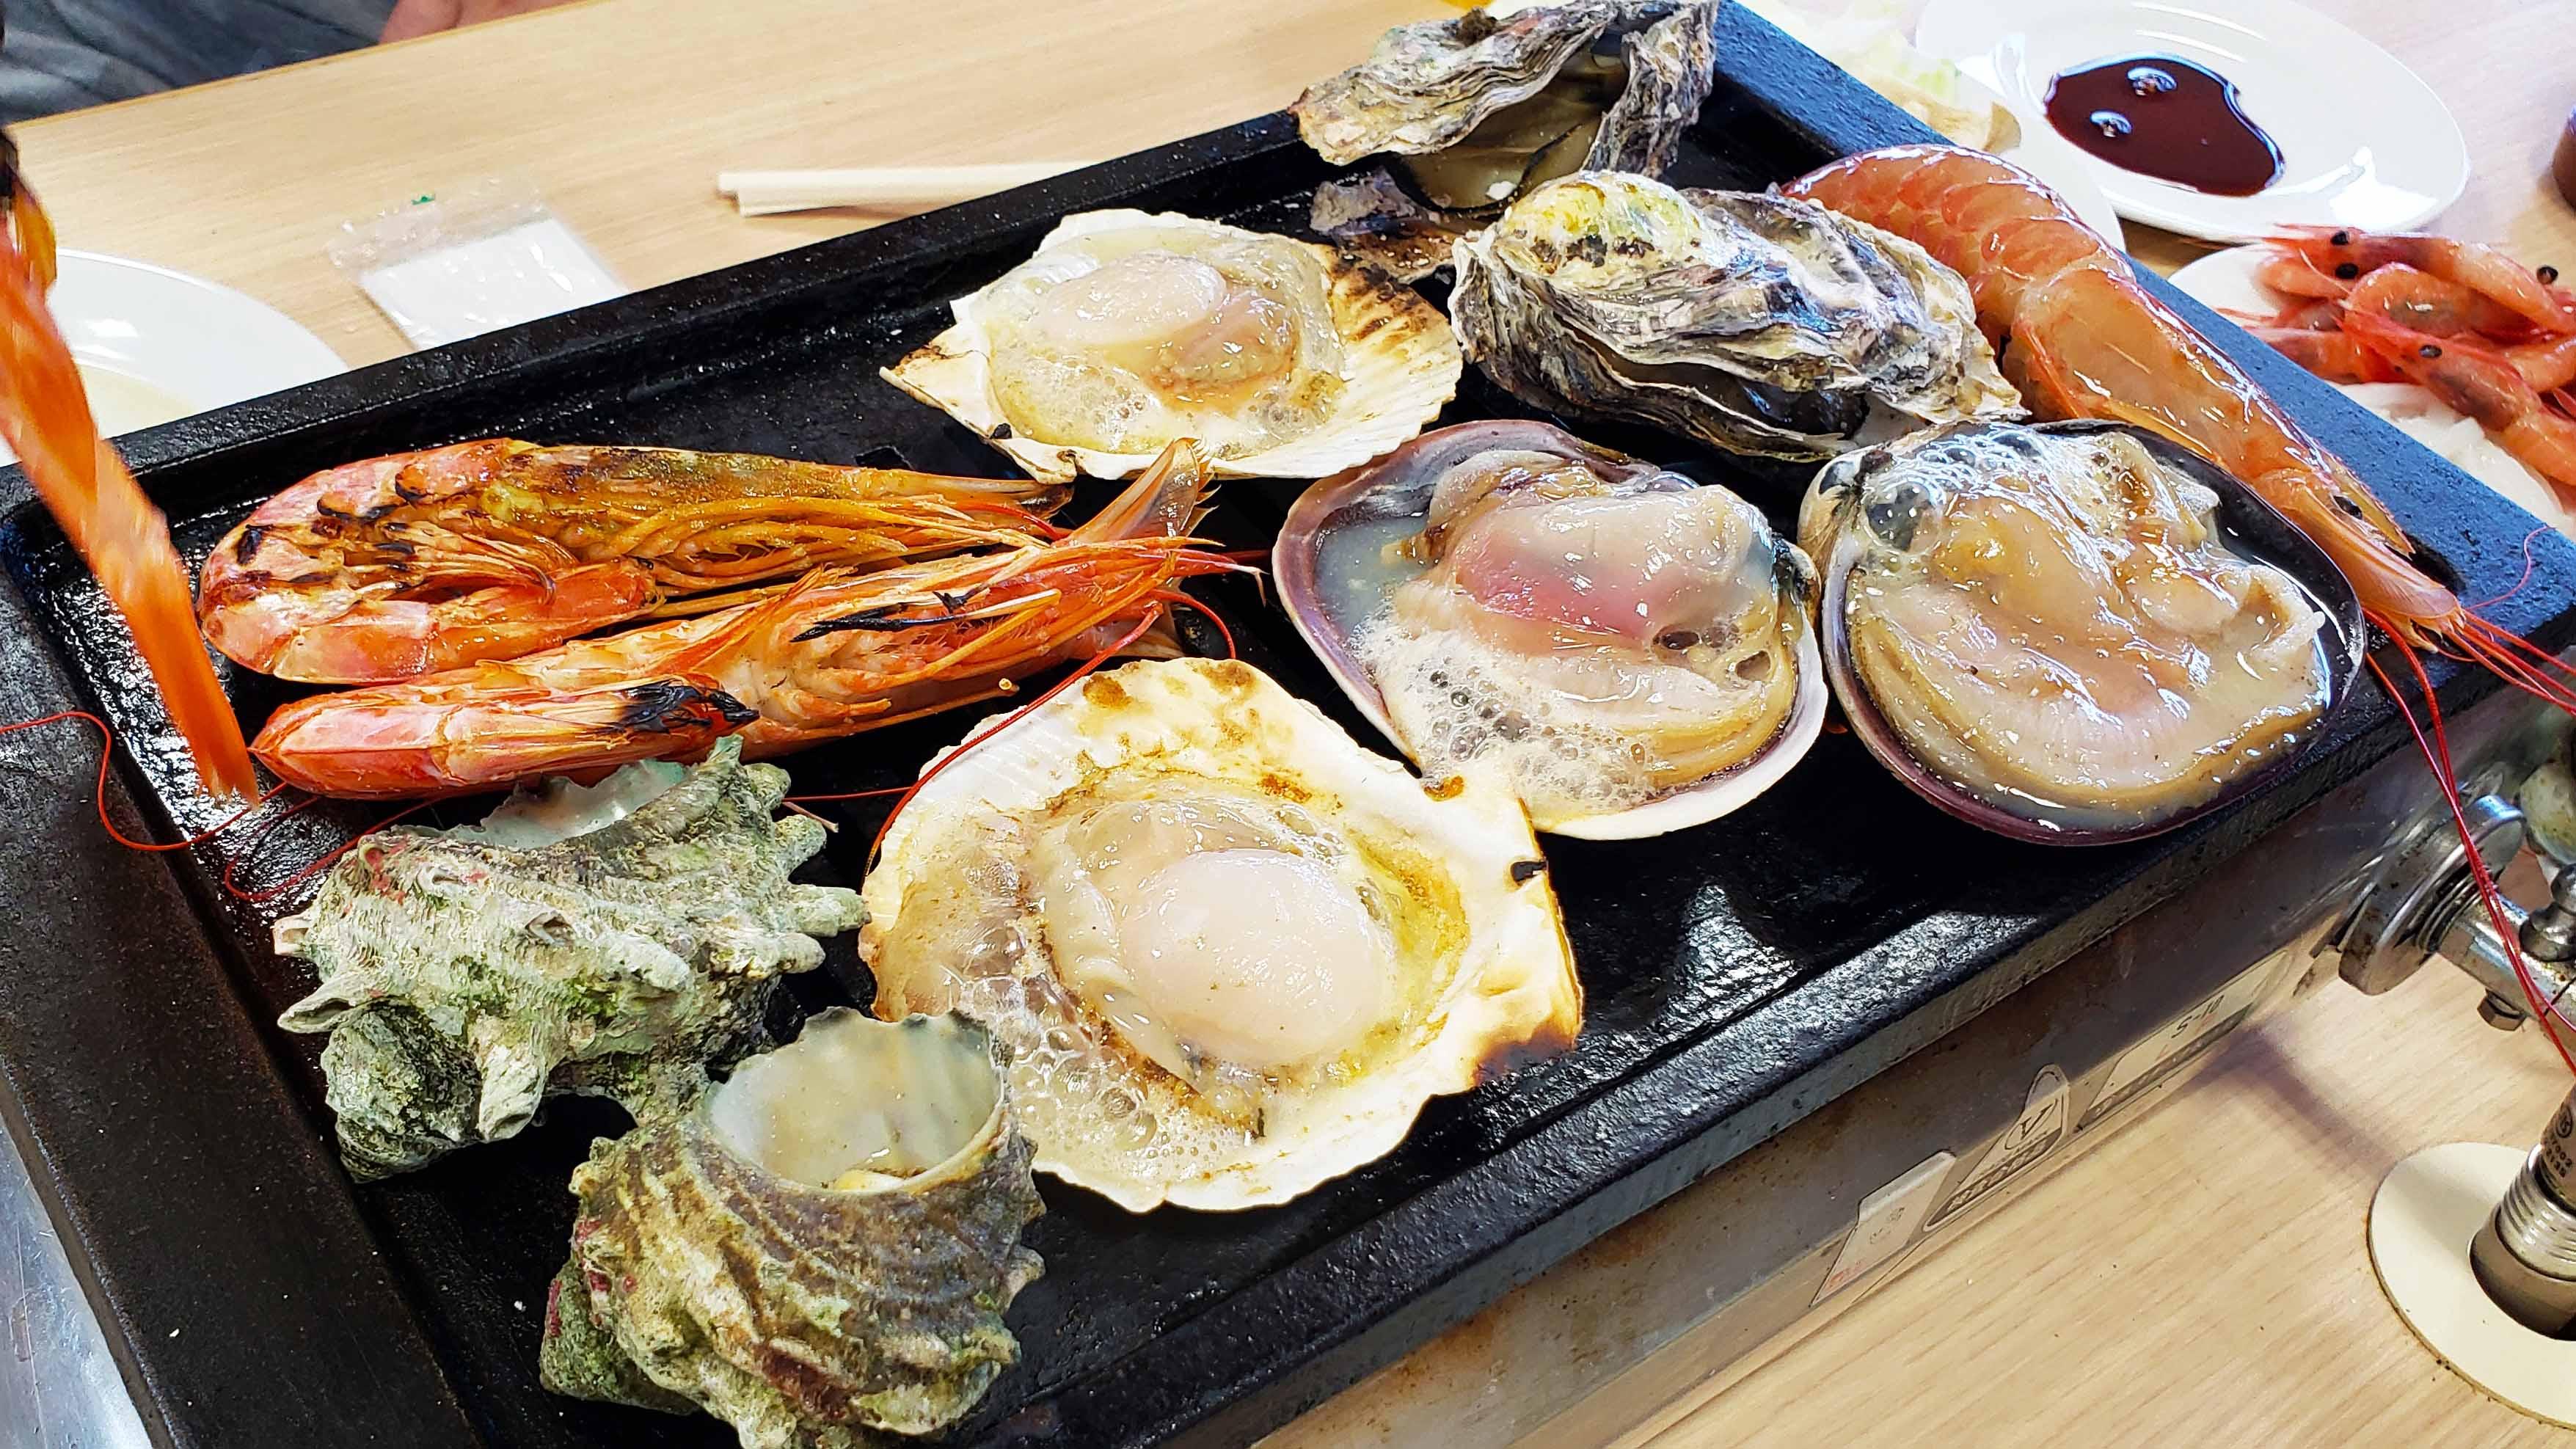 福井 若狭de浜焼きBBQツアー催行!